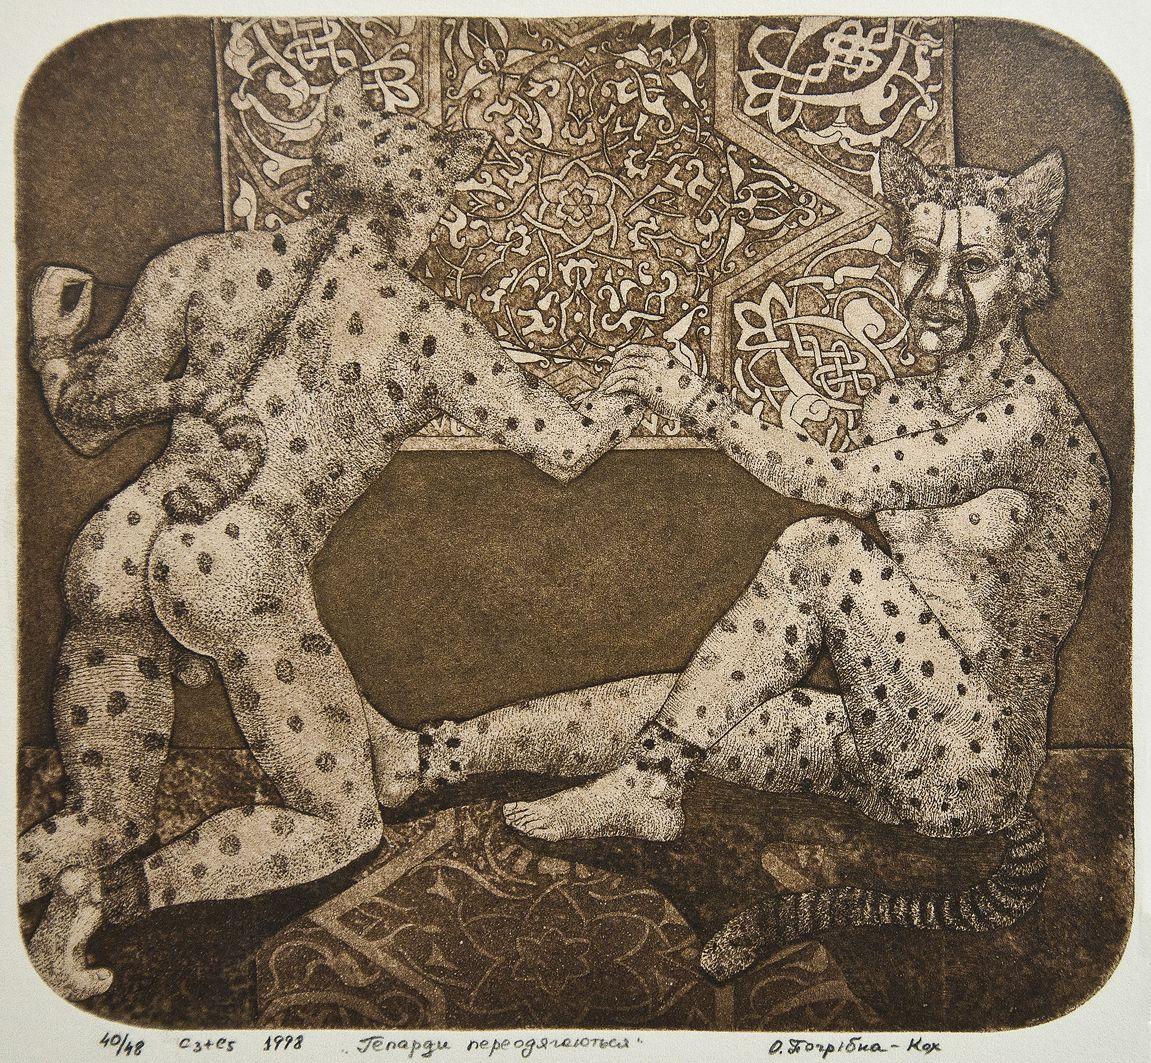 Ольга Погрібна-Кох. Гепарди перевдягаються, 1998